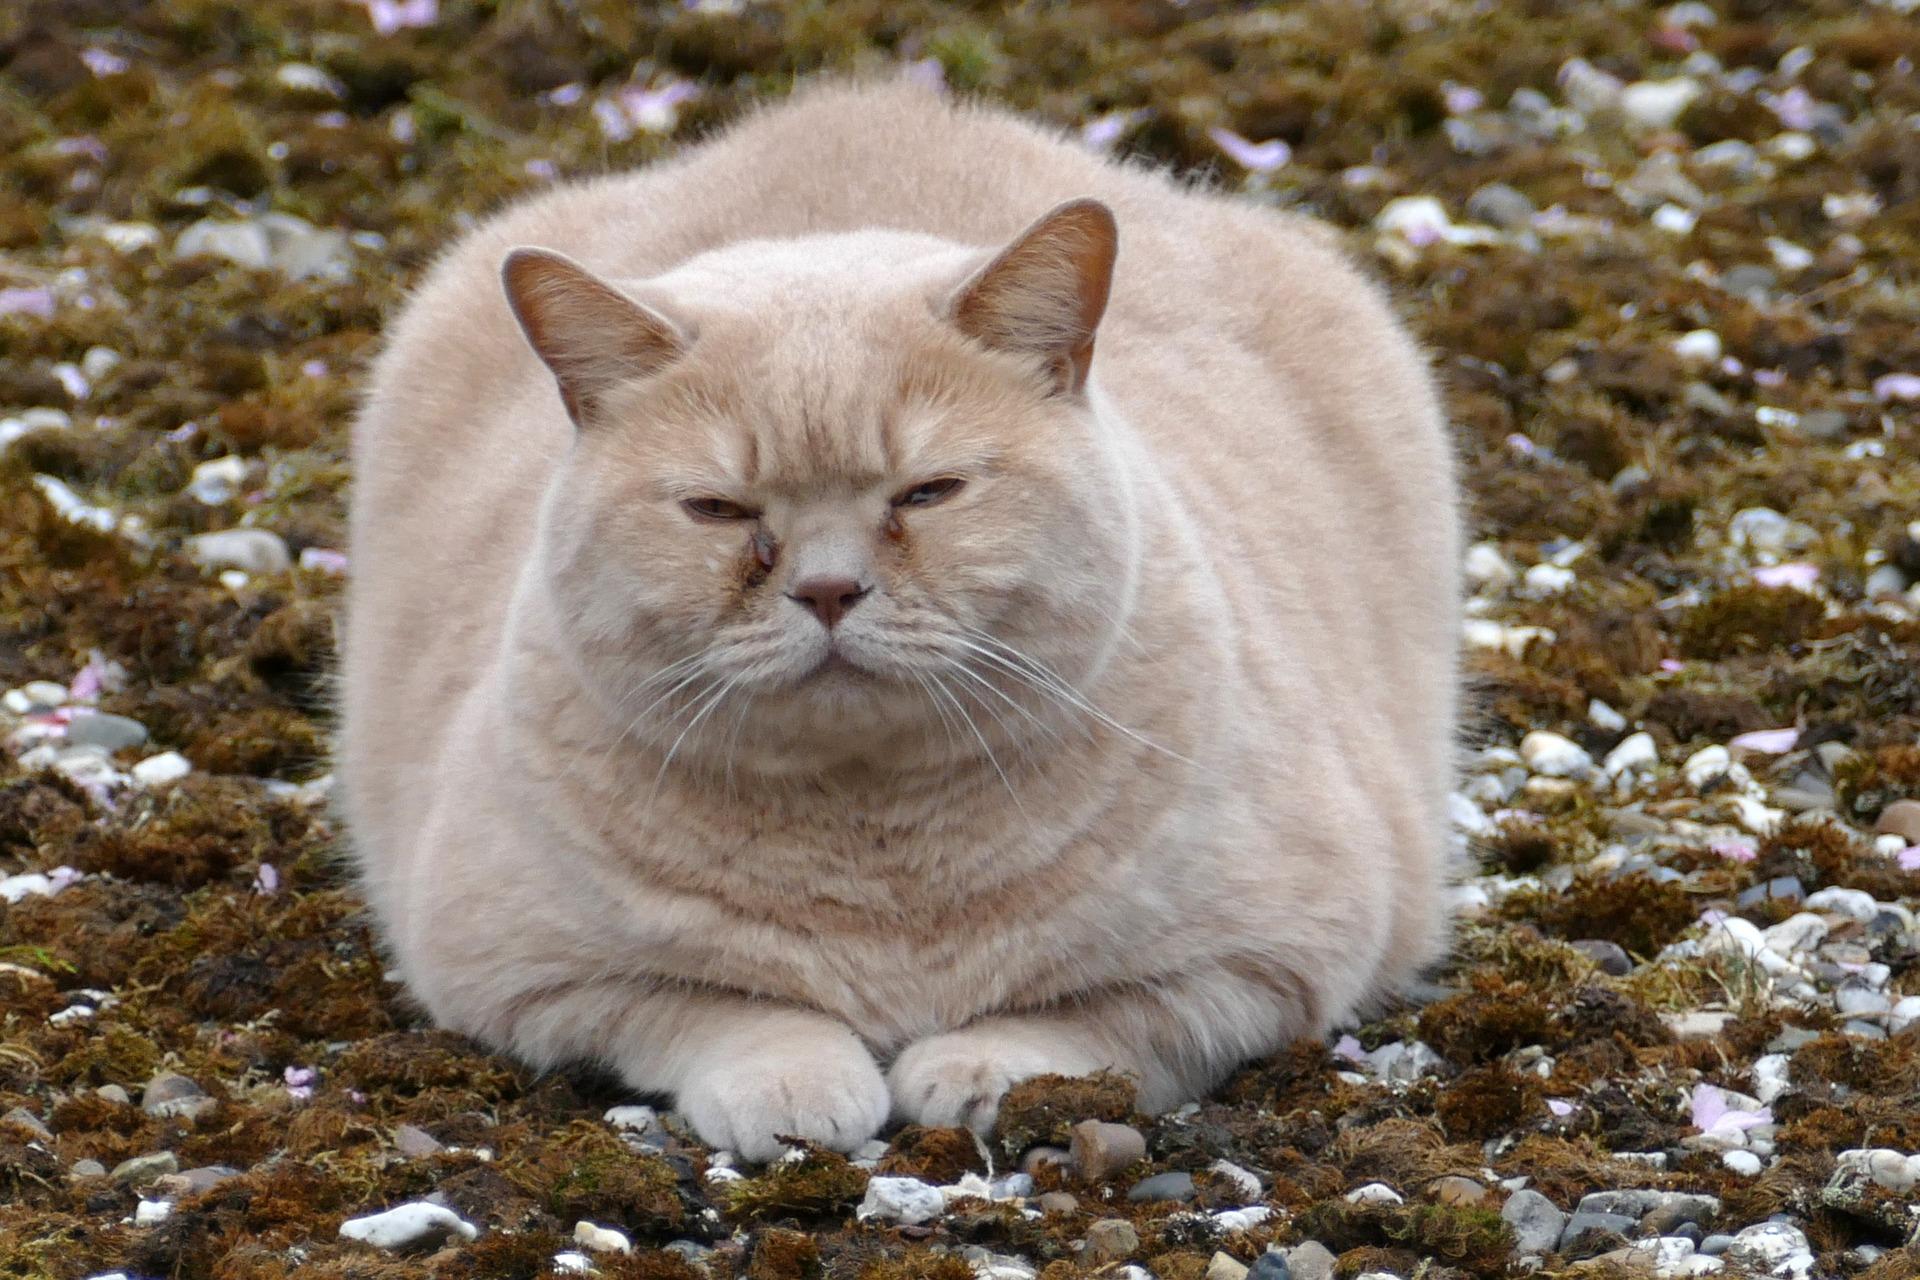 Otyłość i nadwaga może spotkać każdego kota, który jest nieprawidłowo karmiony i nieodpowiednio stymulowany do zabawy.